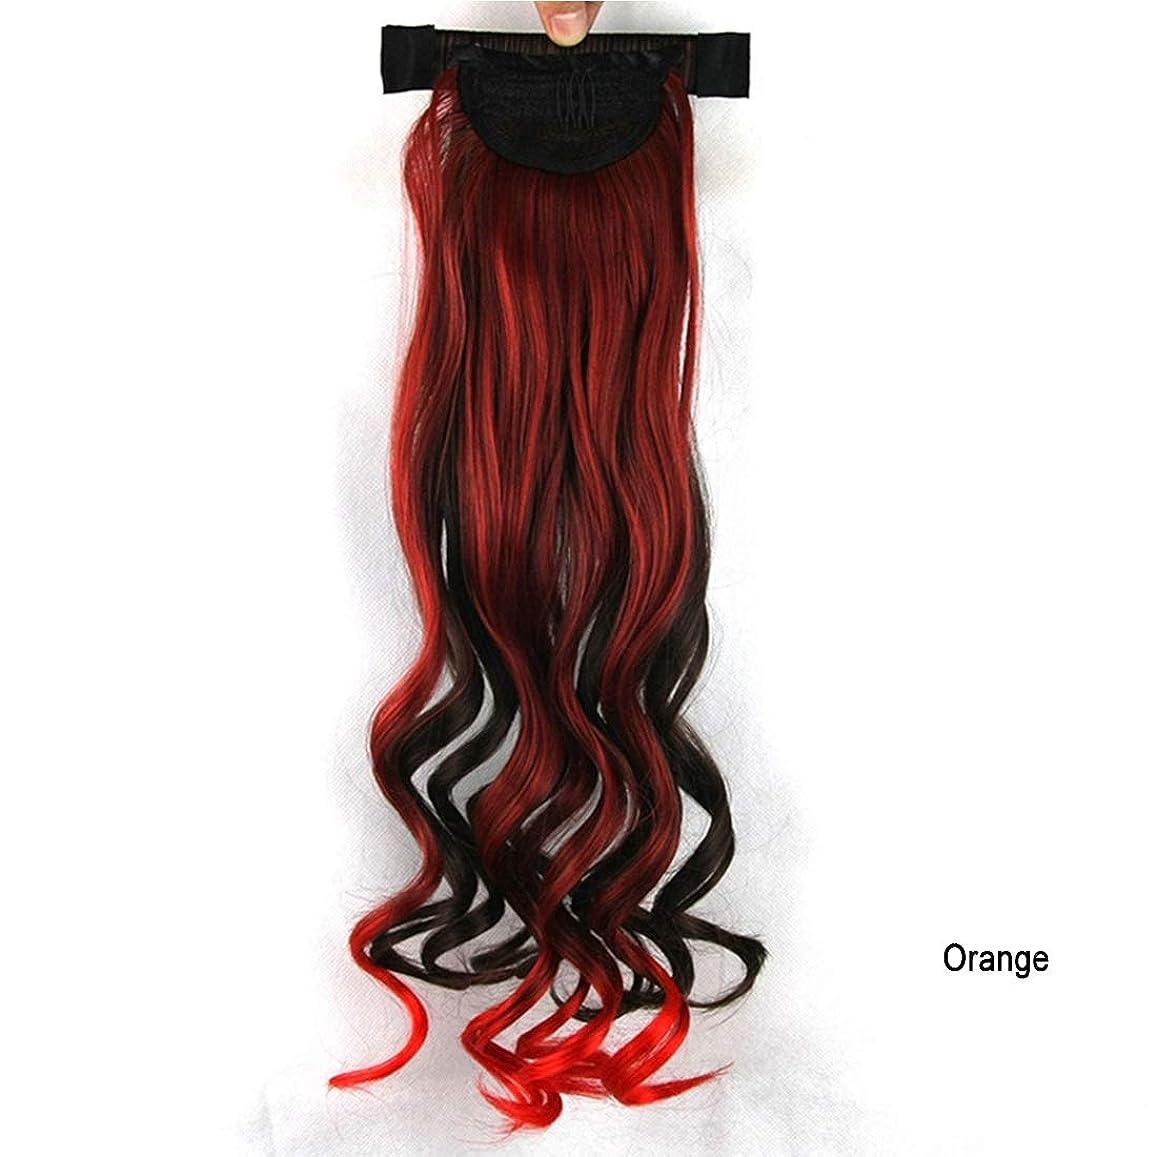 雪だるま少なくともすぐにKoloeplf 女の子 ヨーロッパとアメリカ ポニーテール 混合色 巻き髪 かつら 高温抵抗 自然 軽量 (Color : オレンジ)